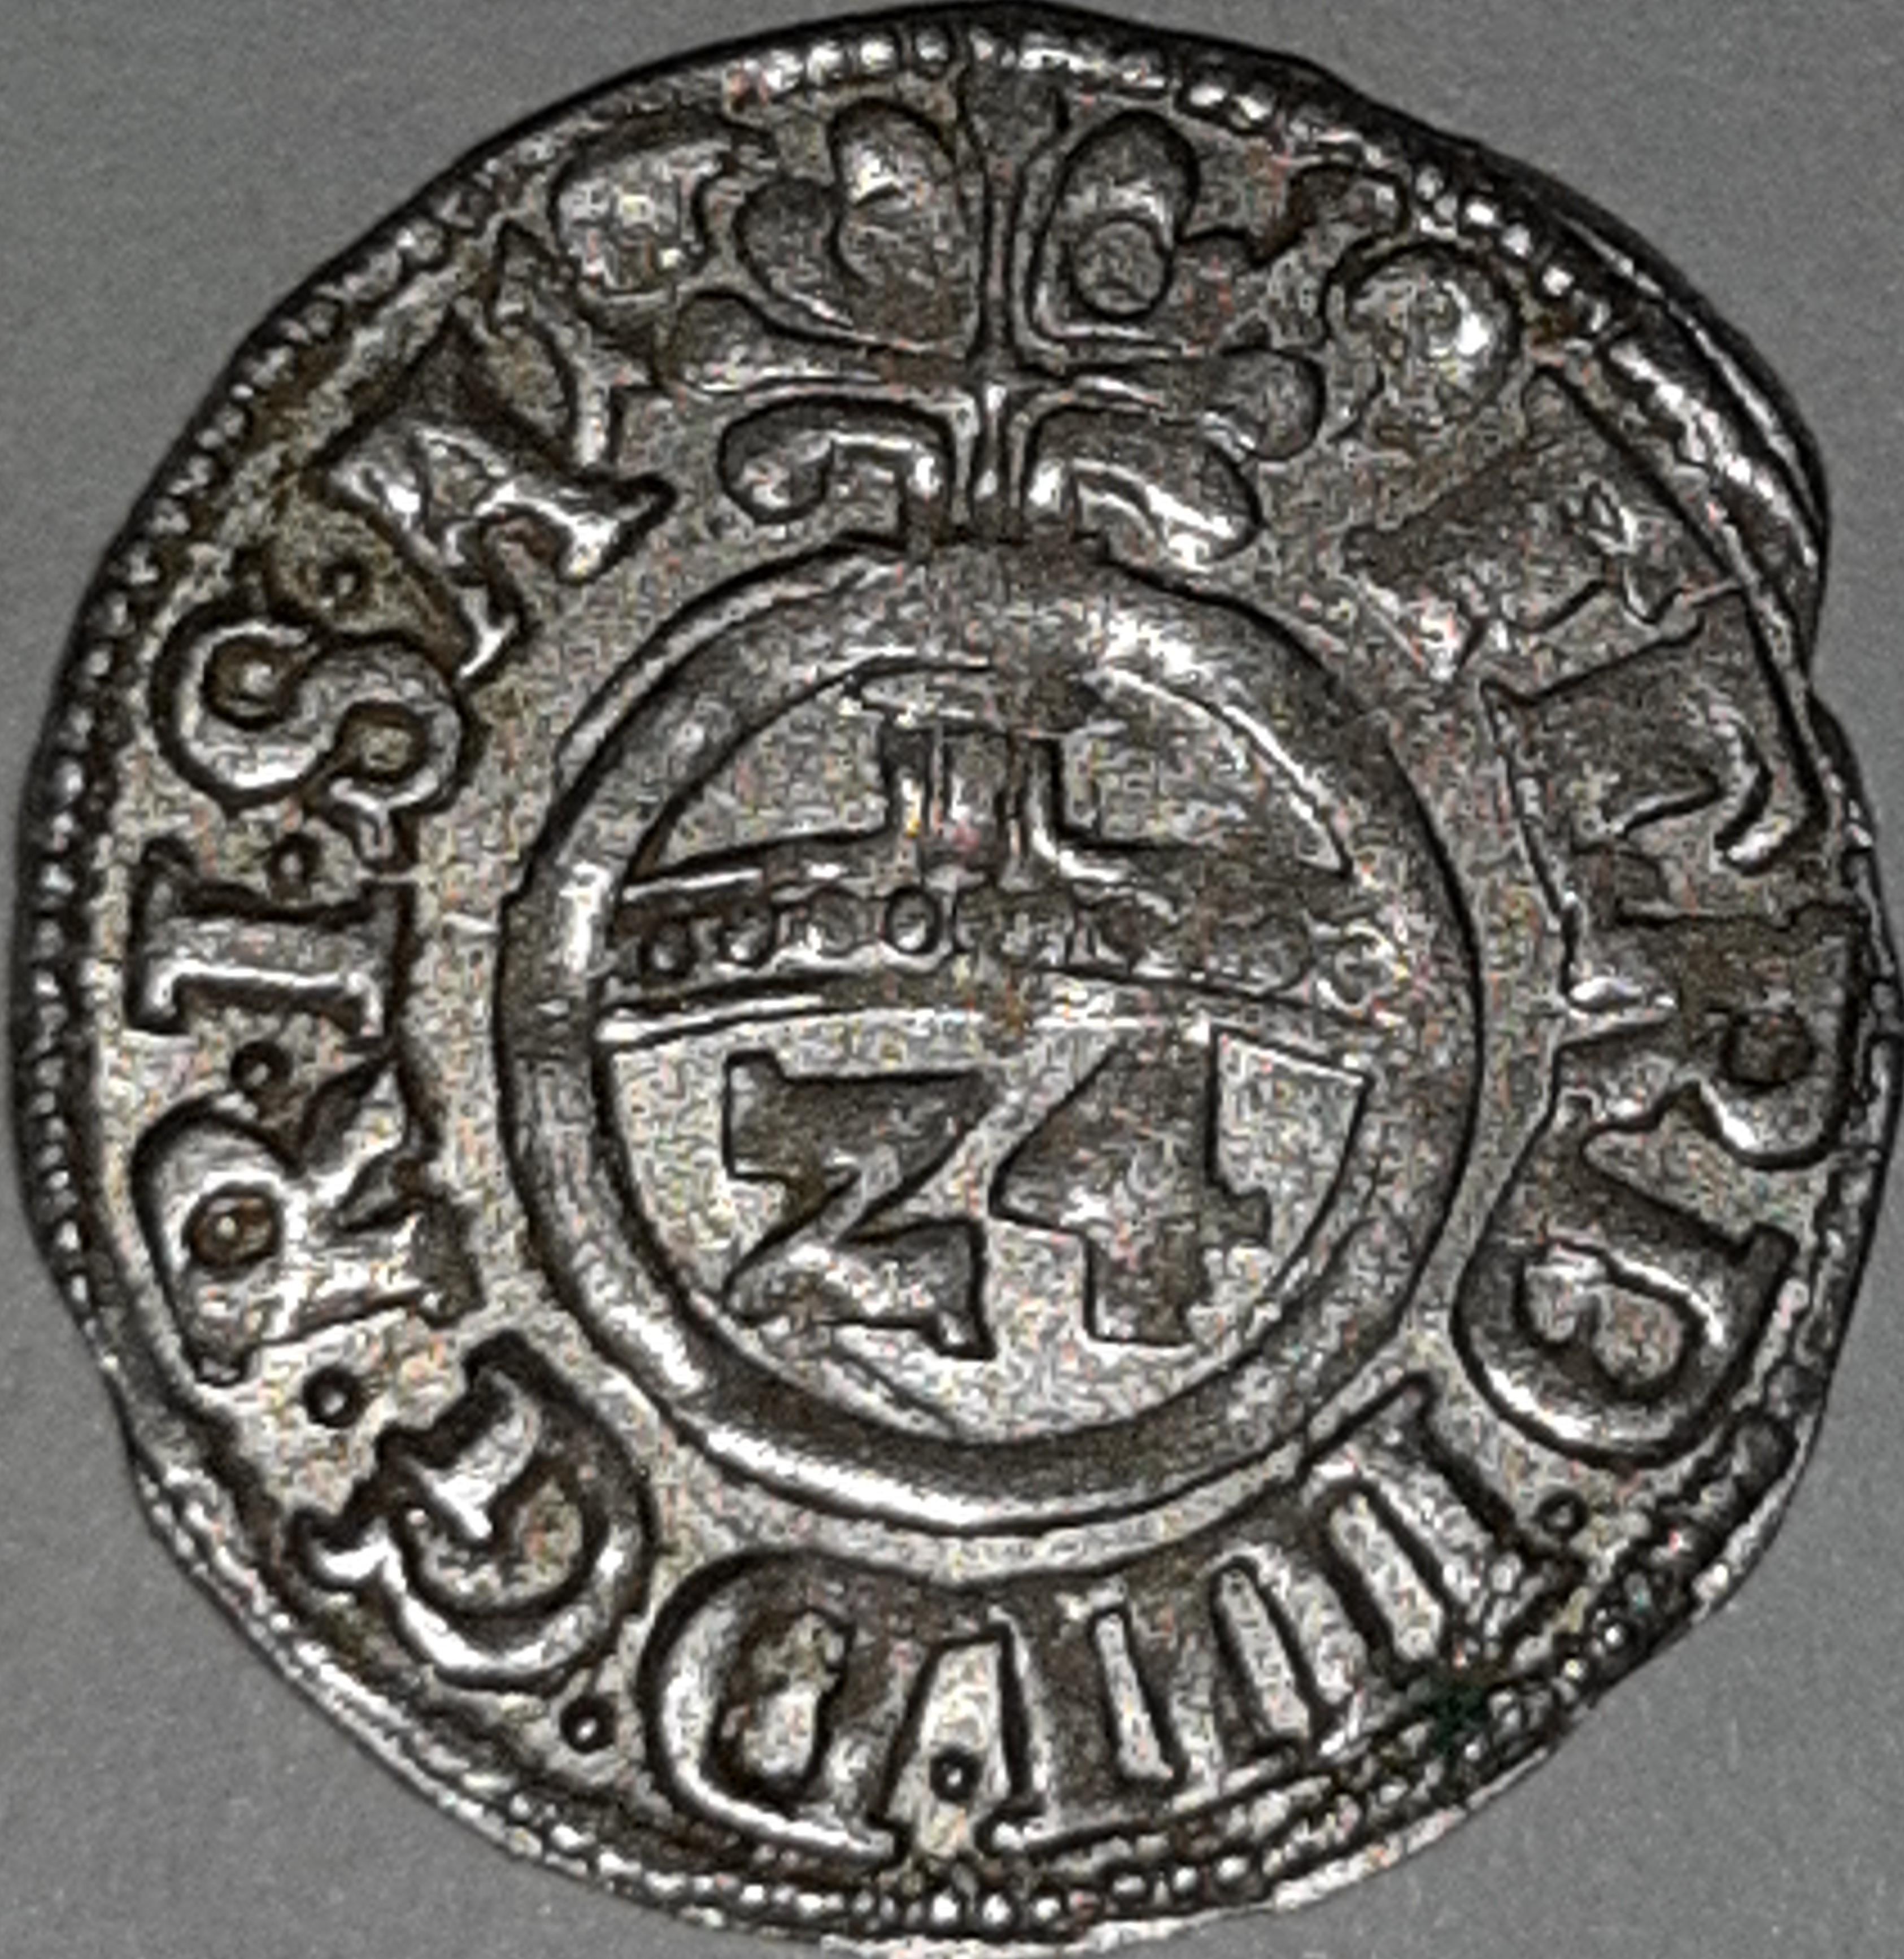 Paderborn 1619 - Rückseite.jpg